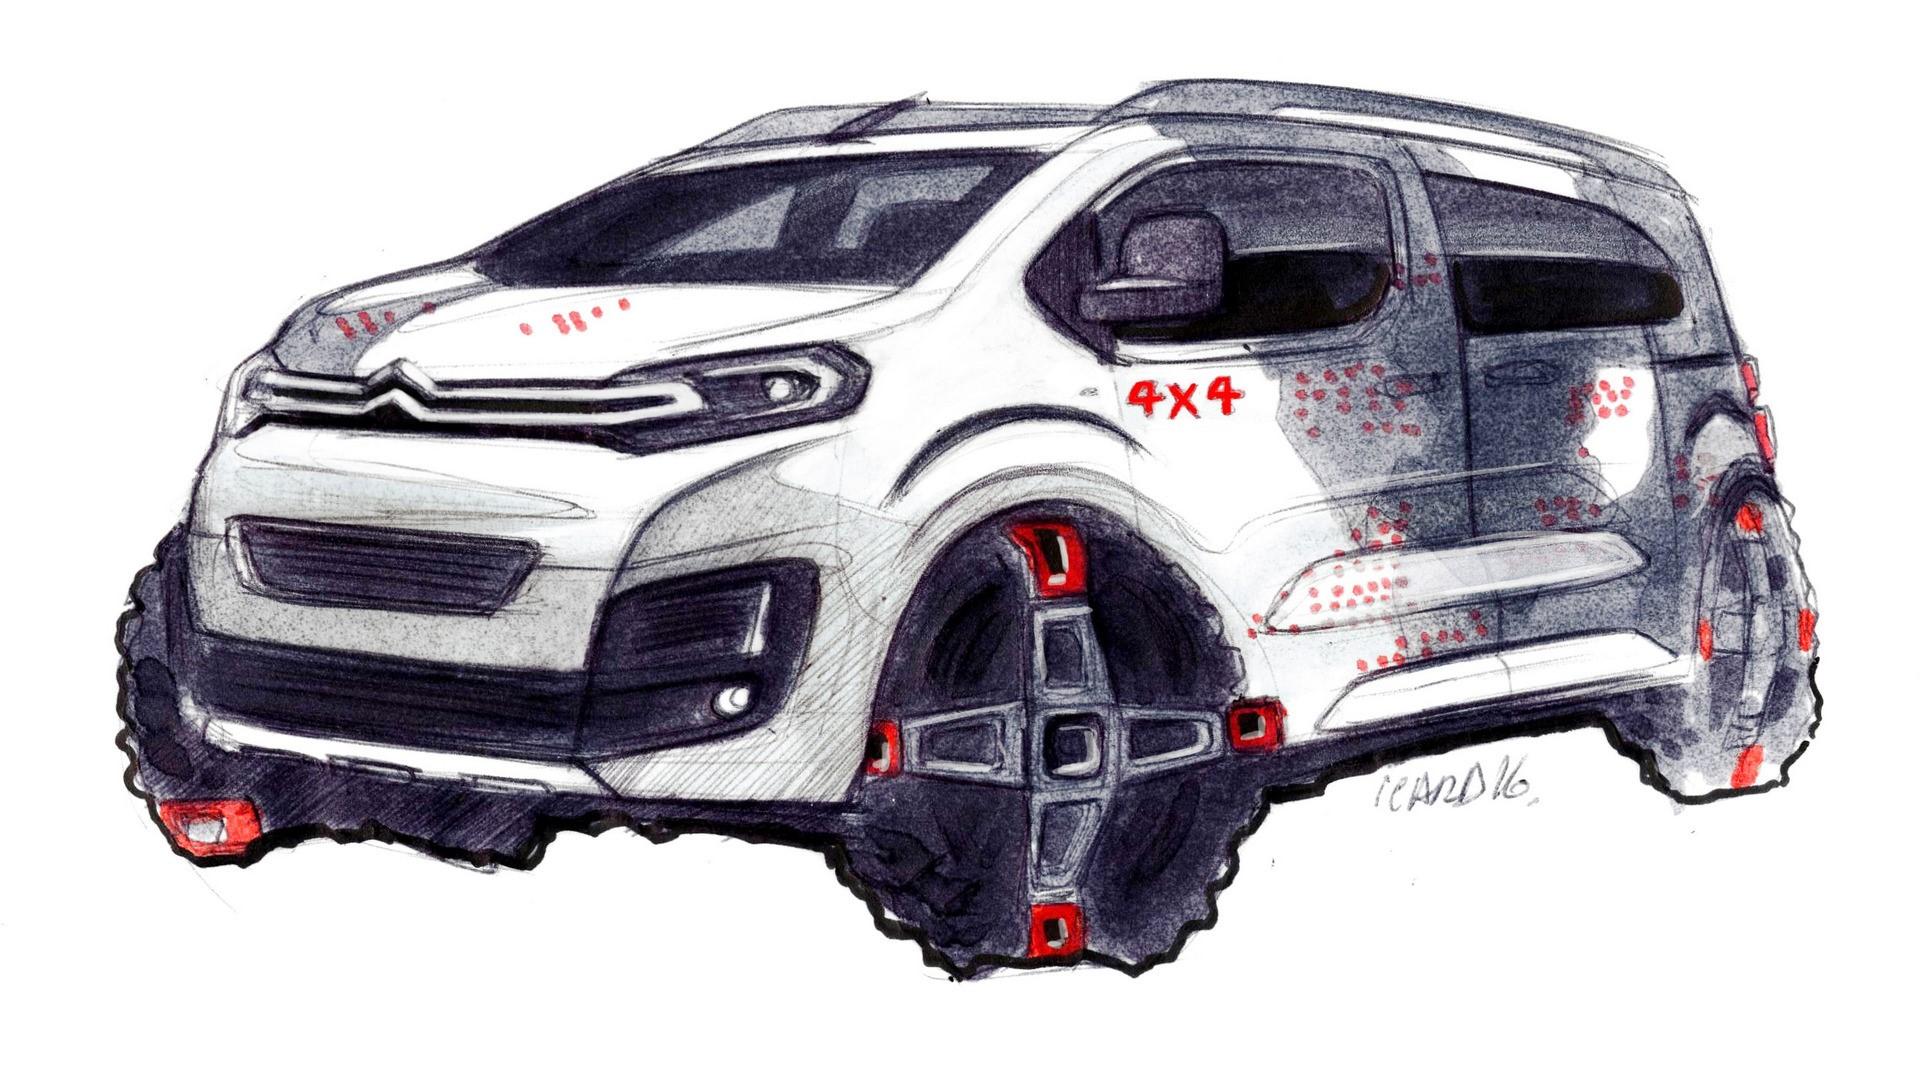 citroen-spacetourer-4x4-e-concept (8)